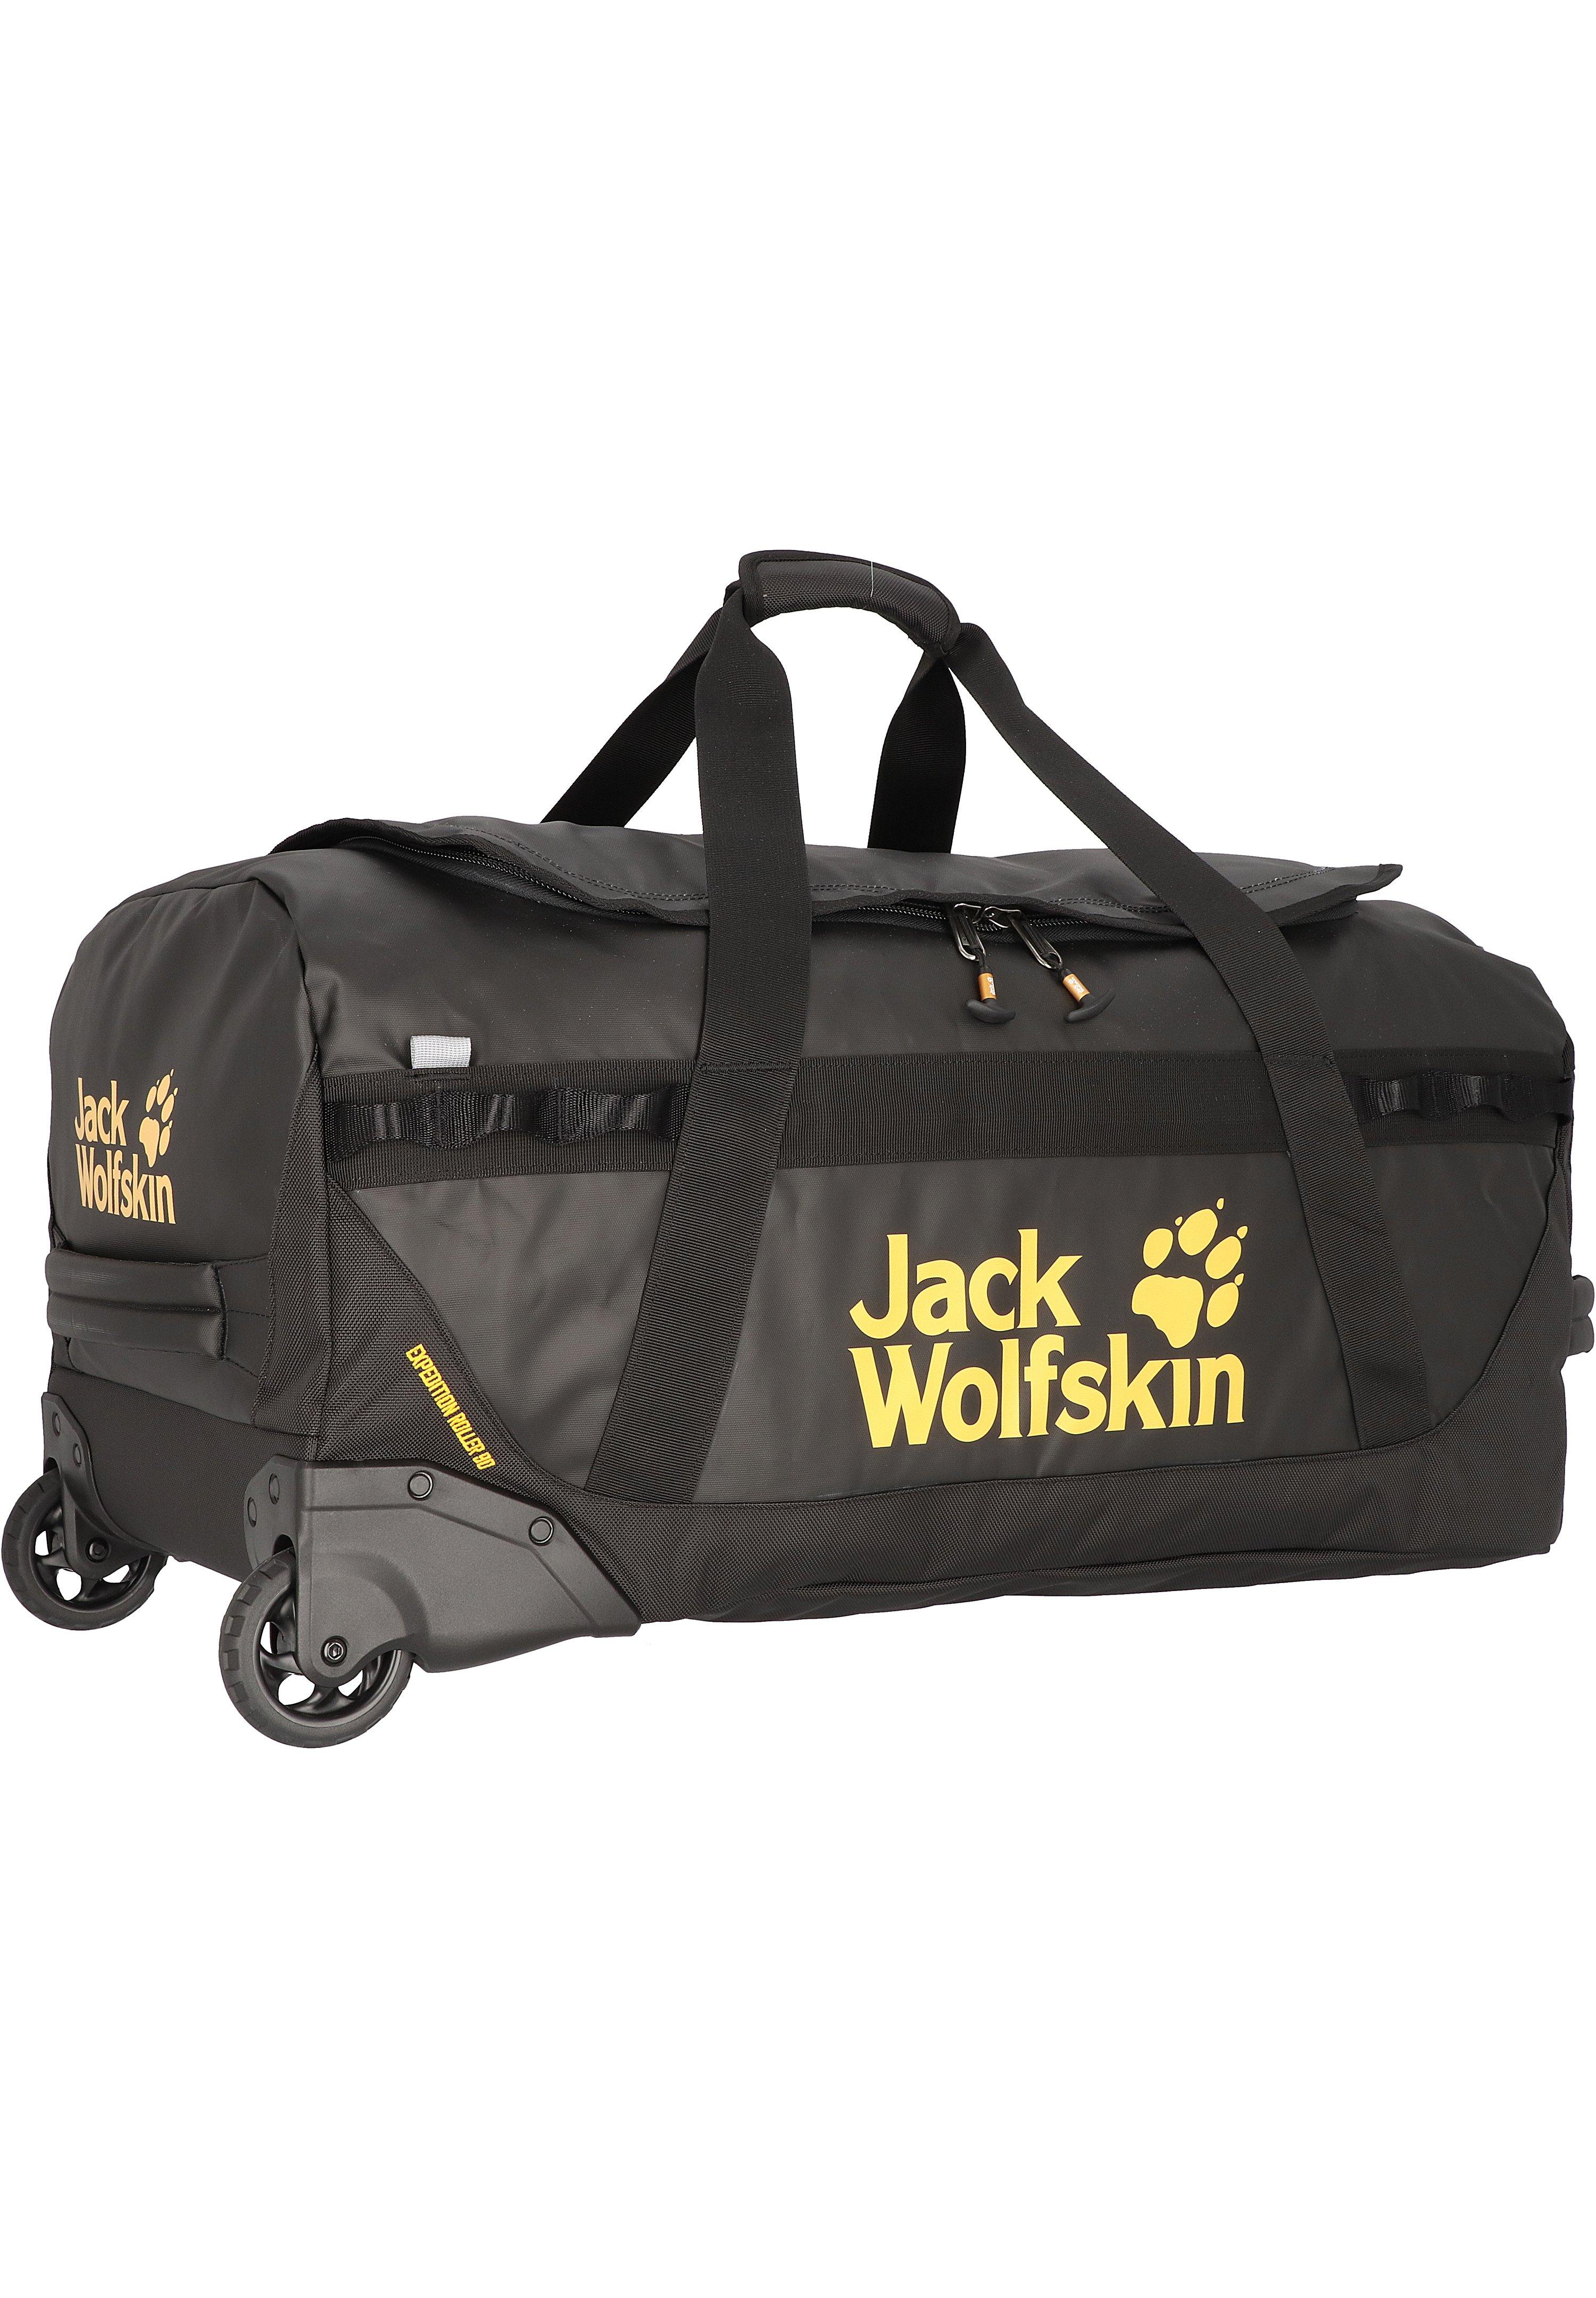 Jack Wolfskin Kofferset - black/schwarz - Herrentaschen yF3VW